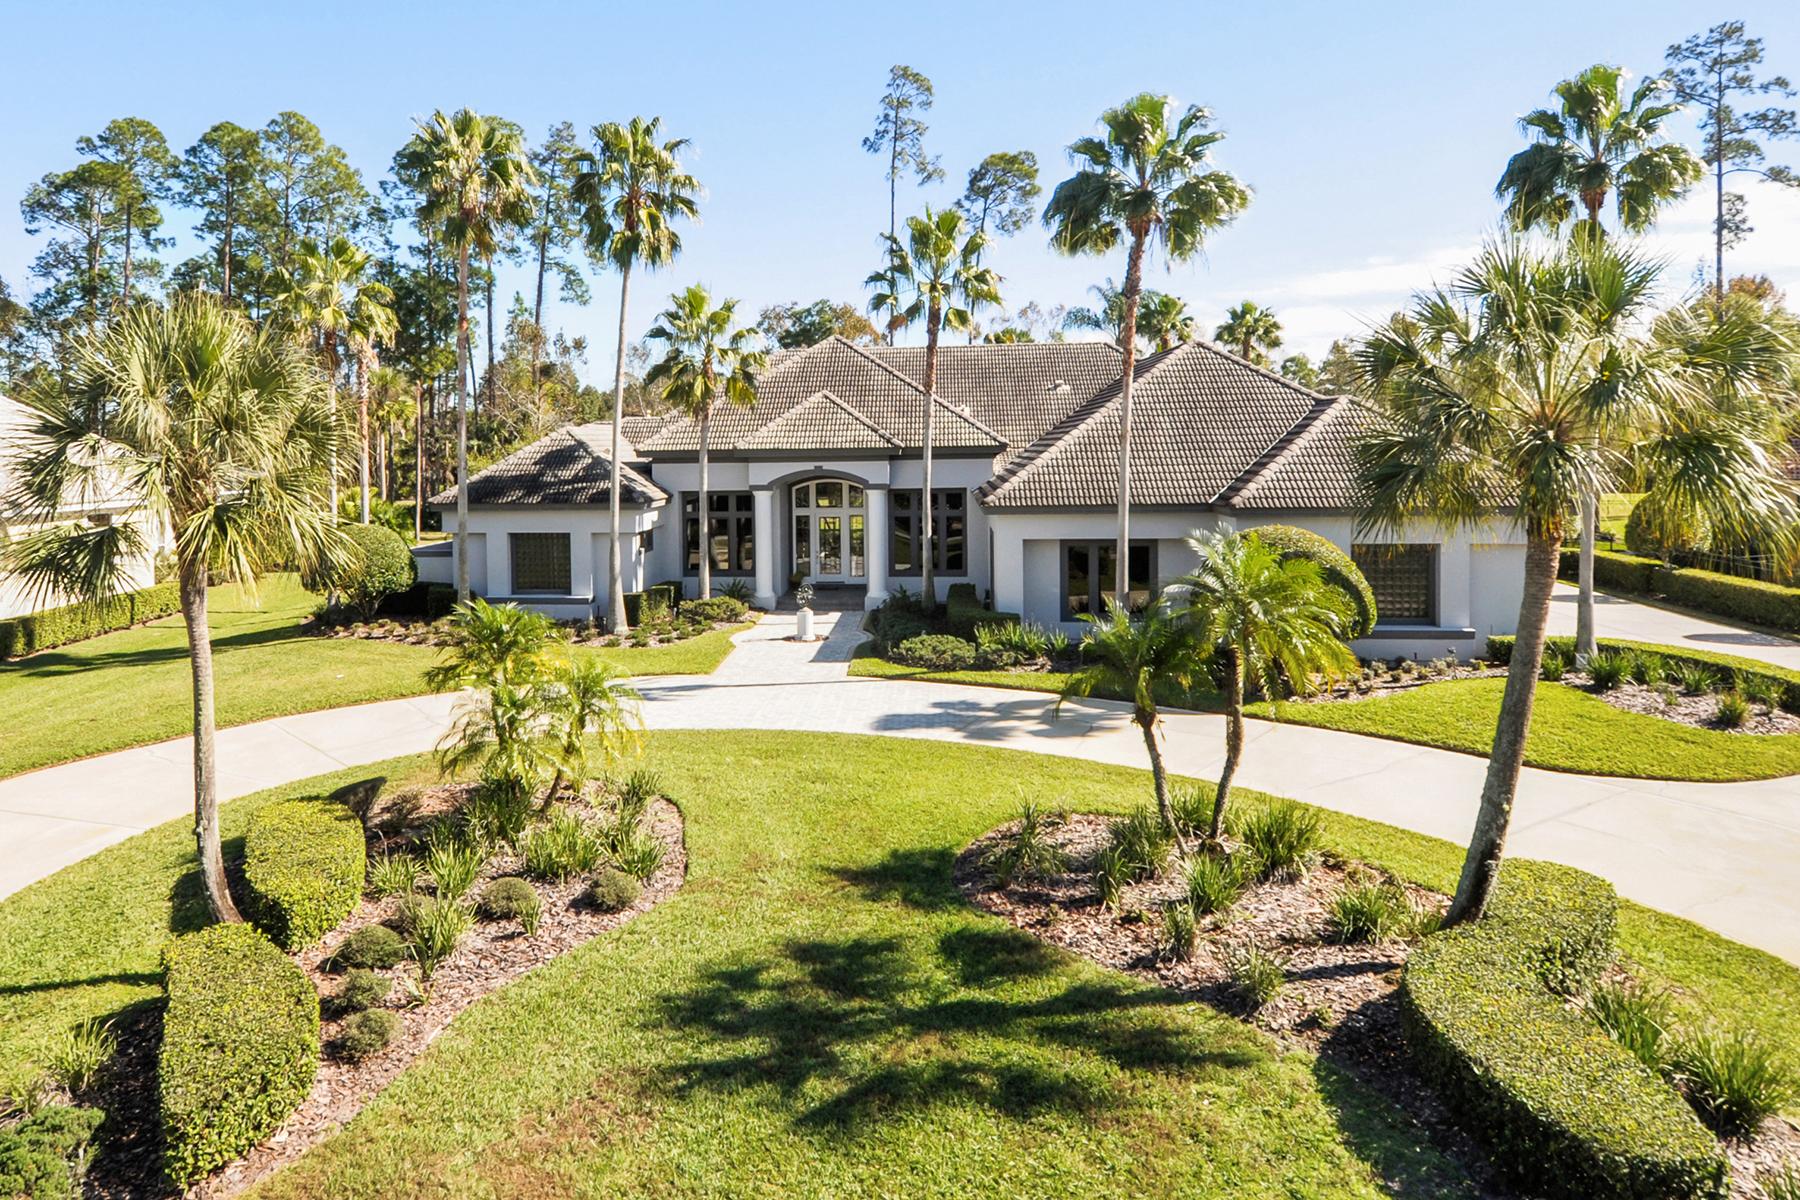 Single Family Home for Sale at ORLANDO - ALAQUA 2416 Alaqua Dr Longwood, Florida, 32779 United States